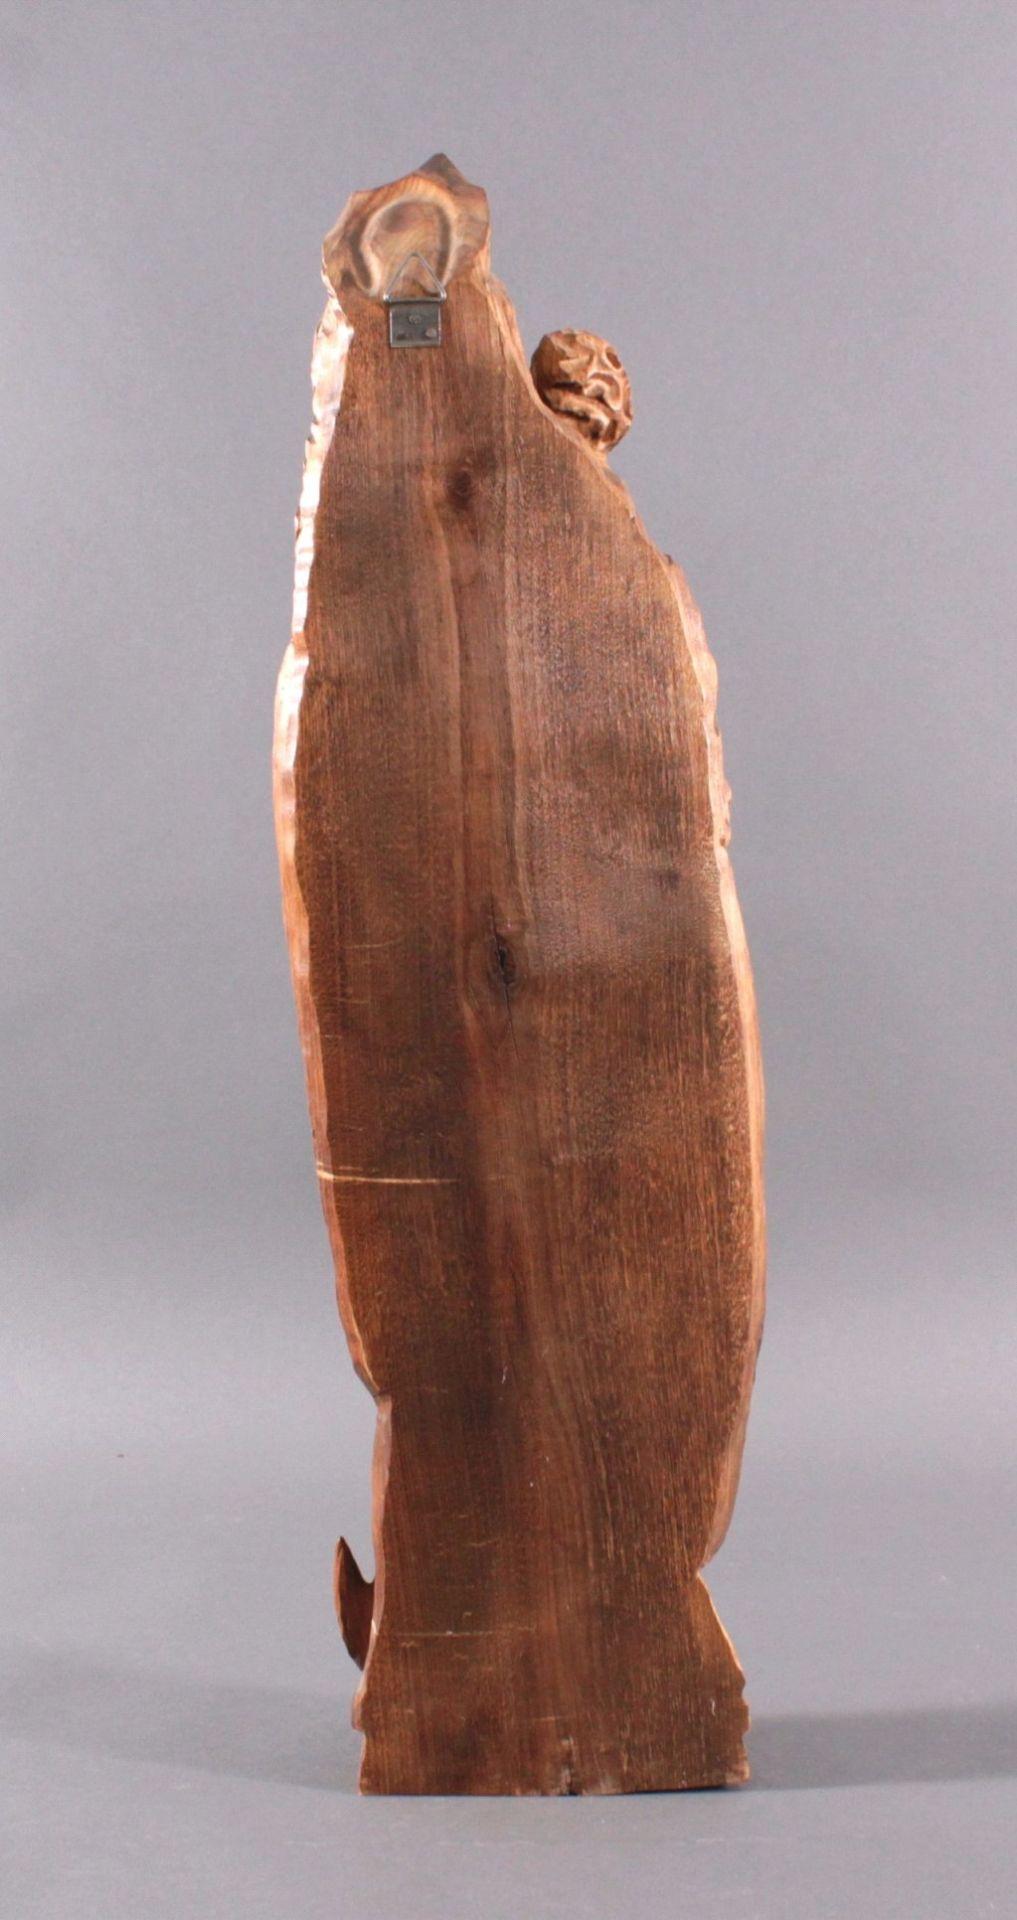 Holzskulptur, Madonna mit Kind und ZepterAus dem Vollholz geschnitzt, Zepter ist lose, ca. H- 77 cm - Bild 3 aus 3